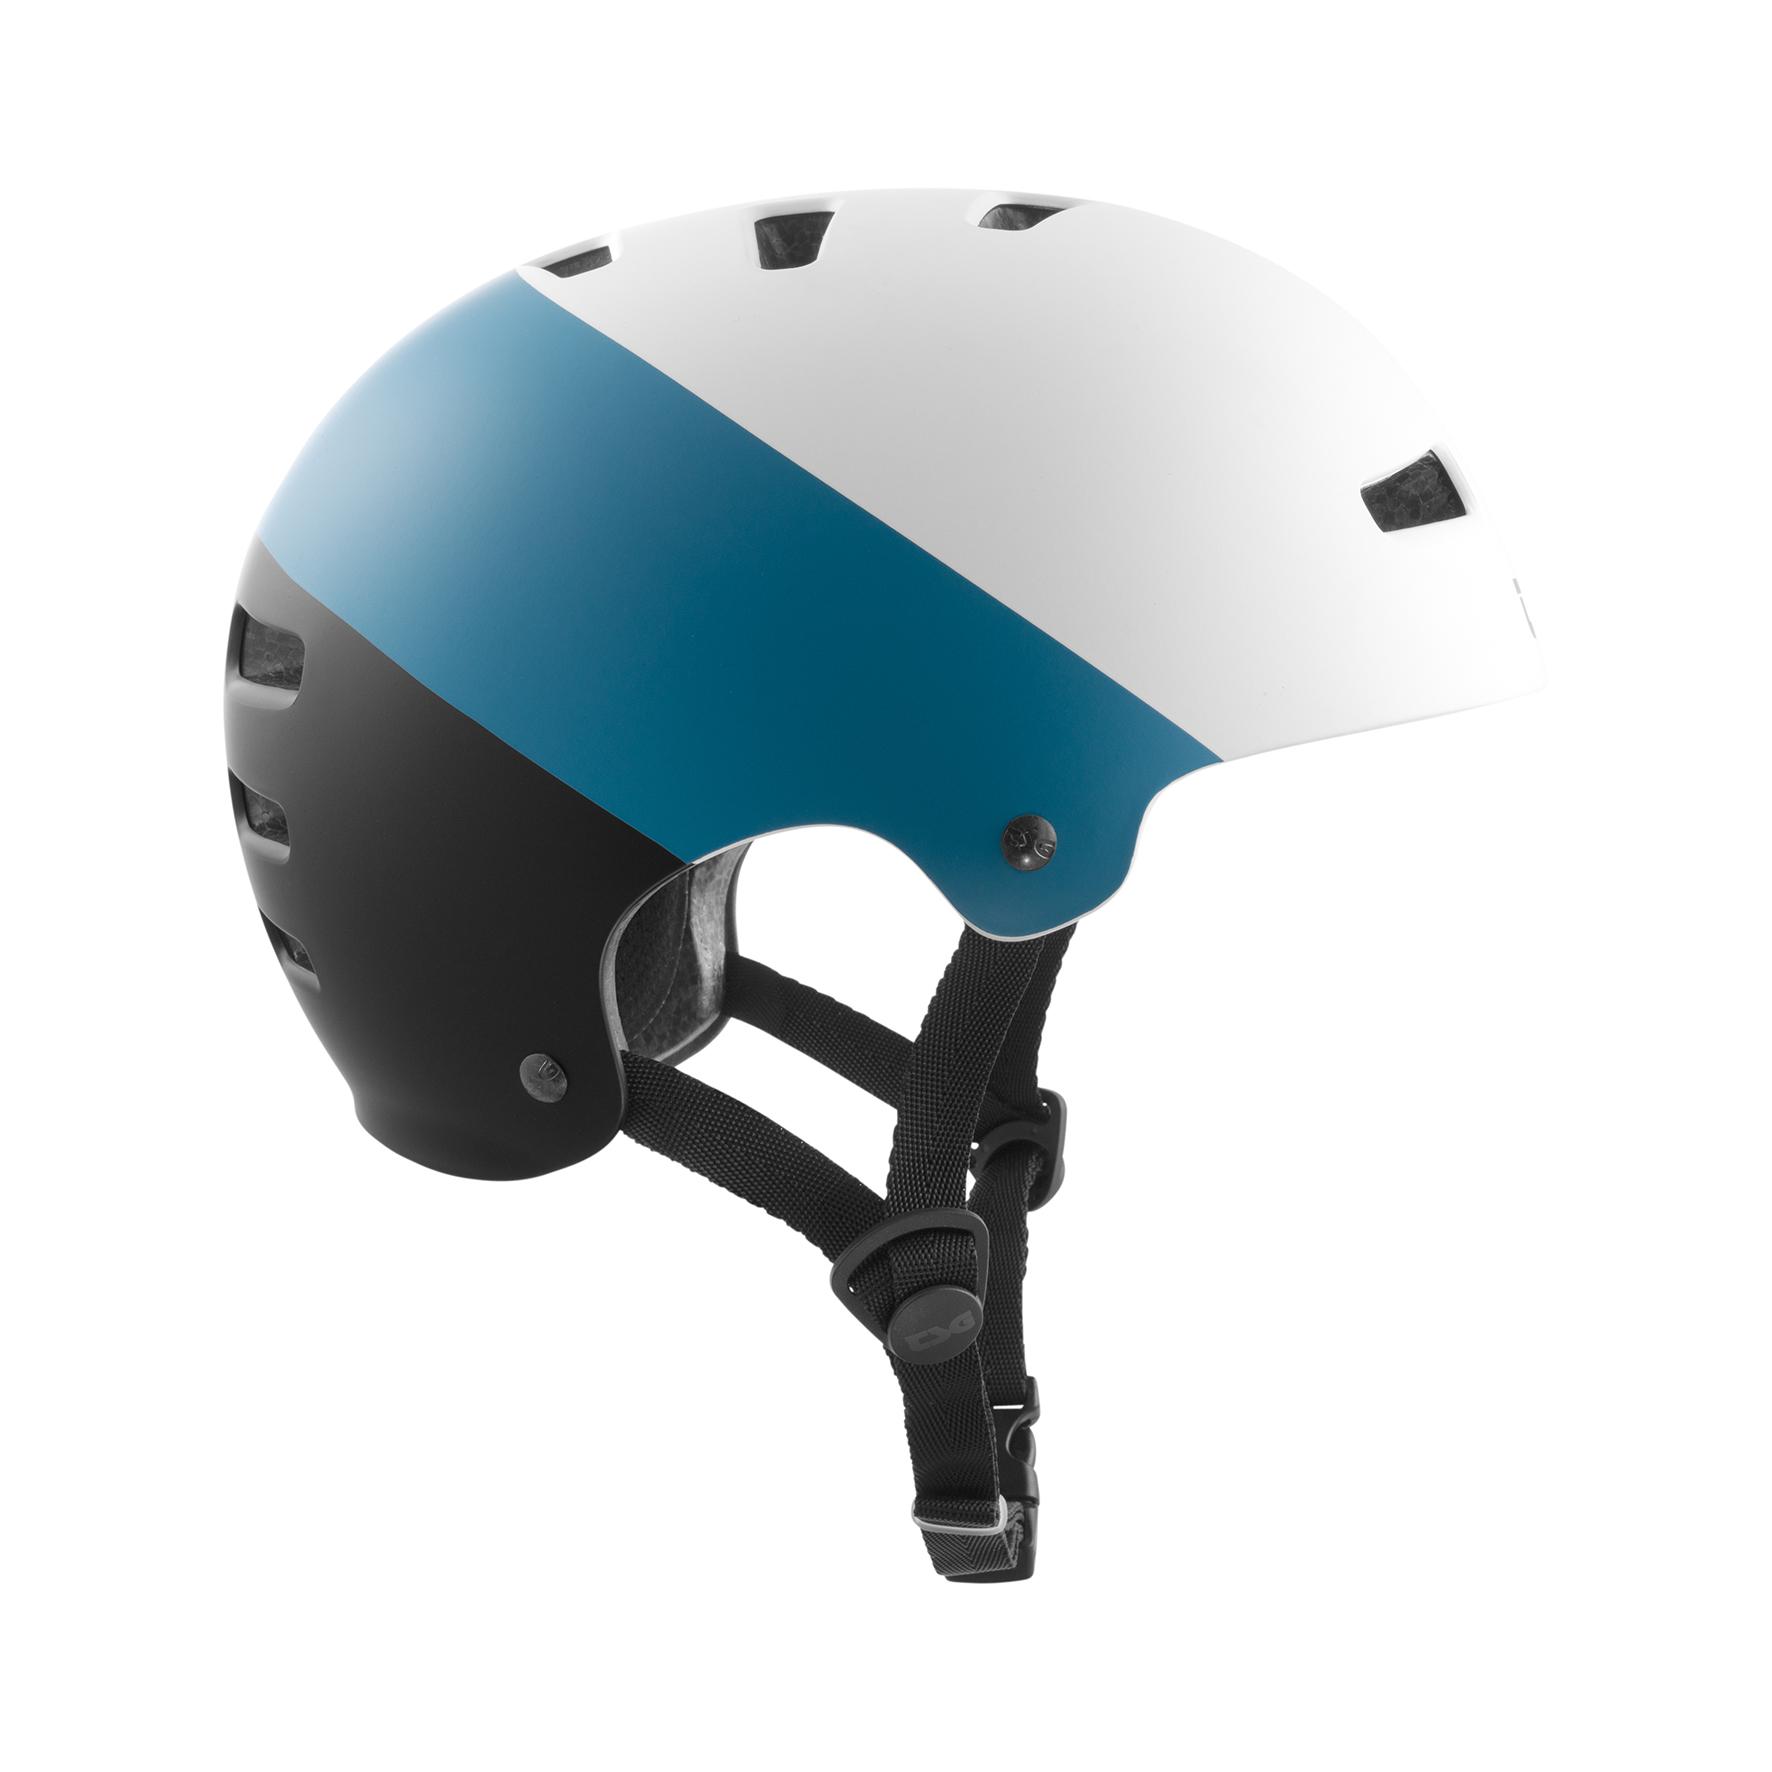 TSG Helmets SS20 Skate Helmet & Protection Preview